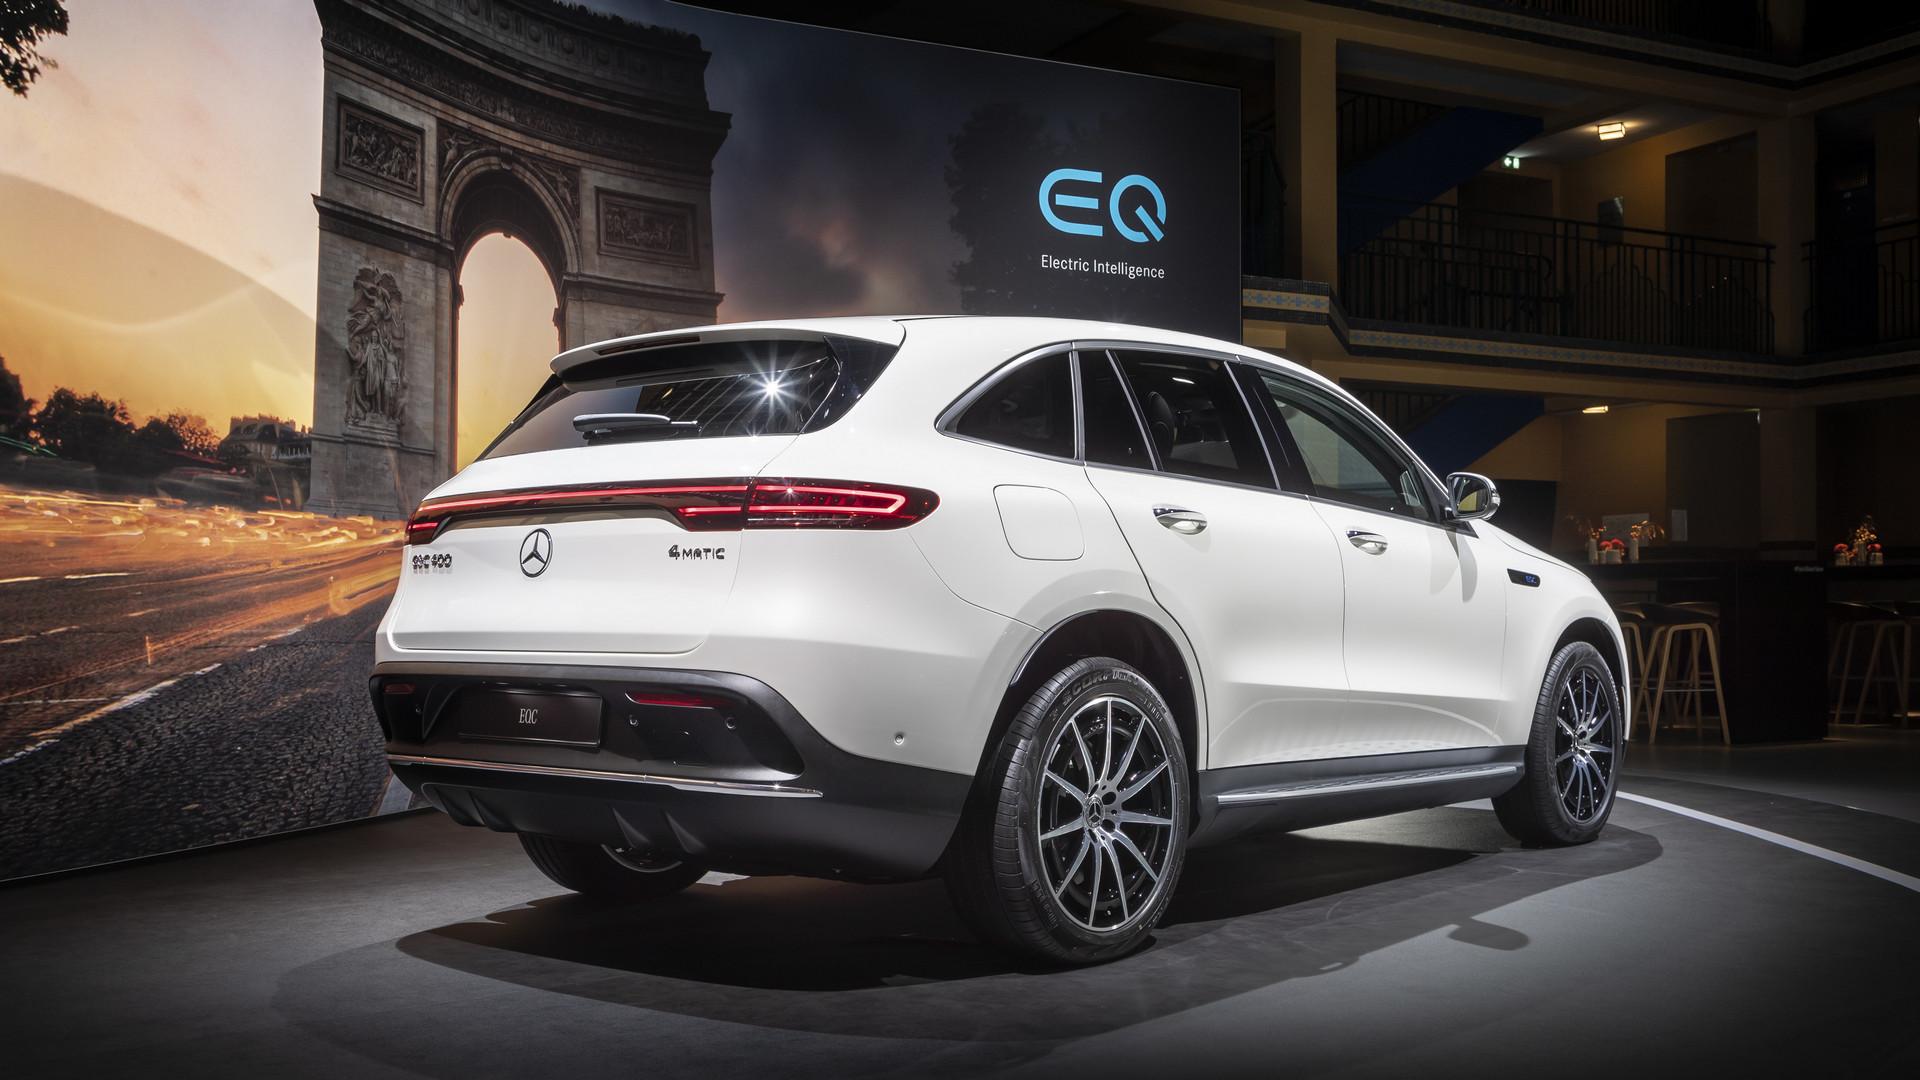 2019 Mercedes-Benz EQC Rear View